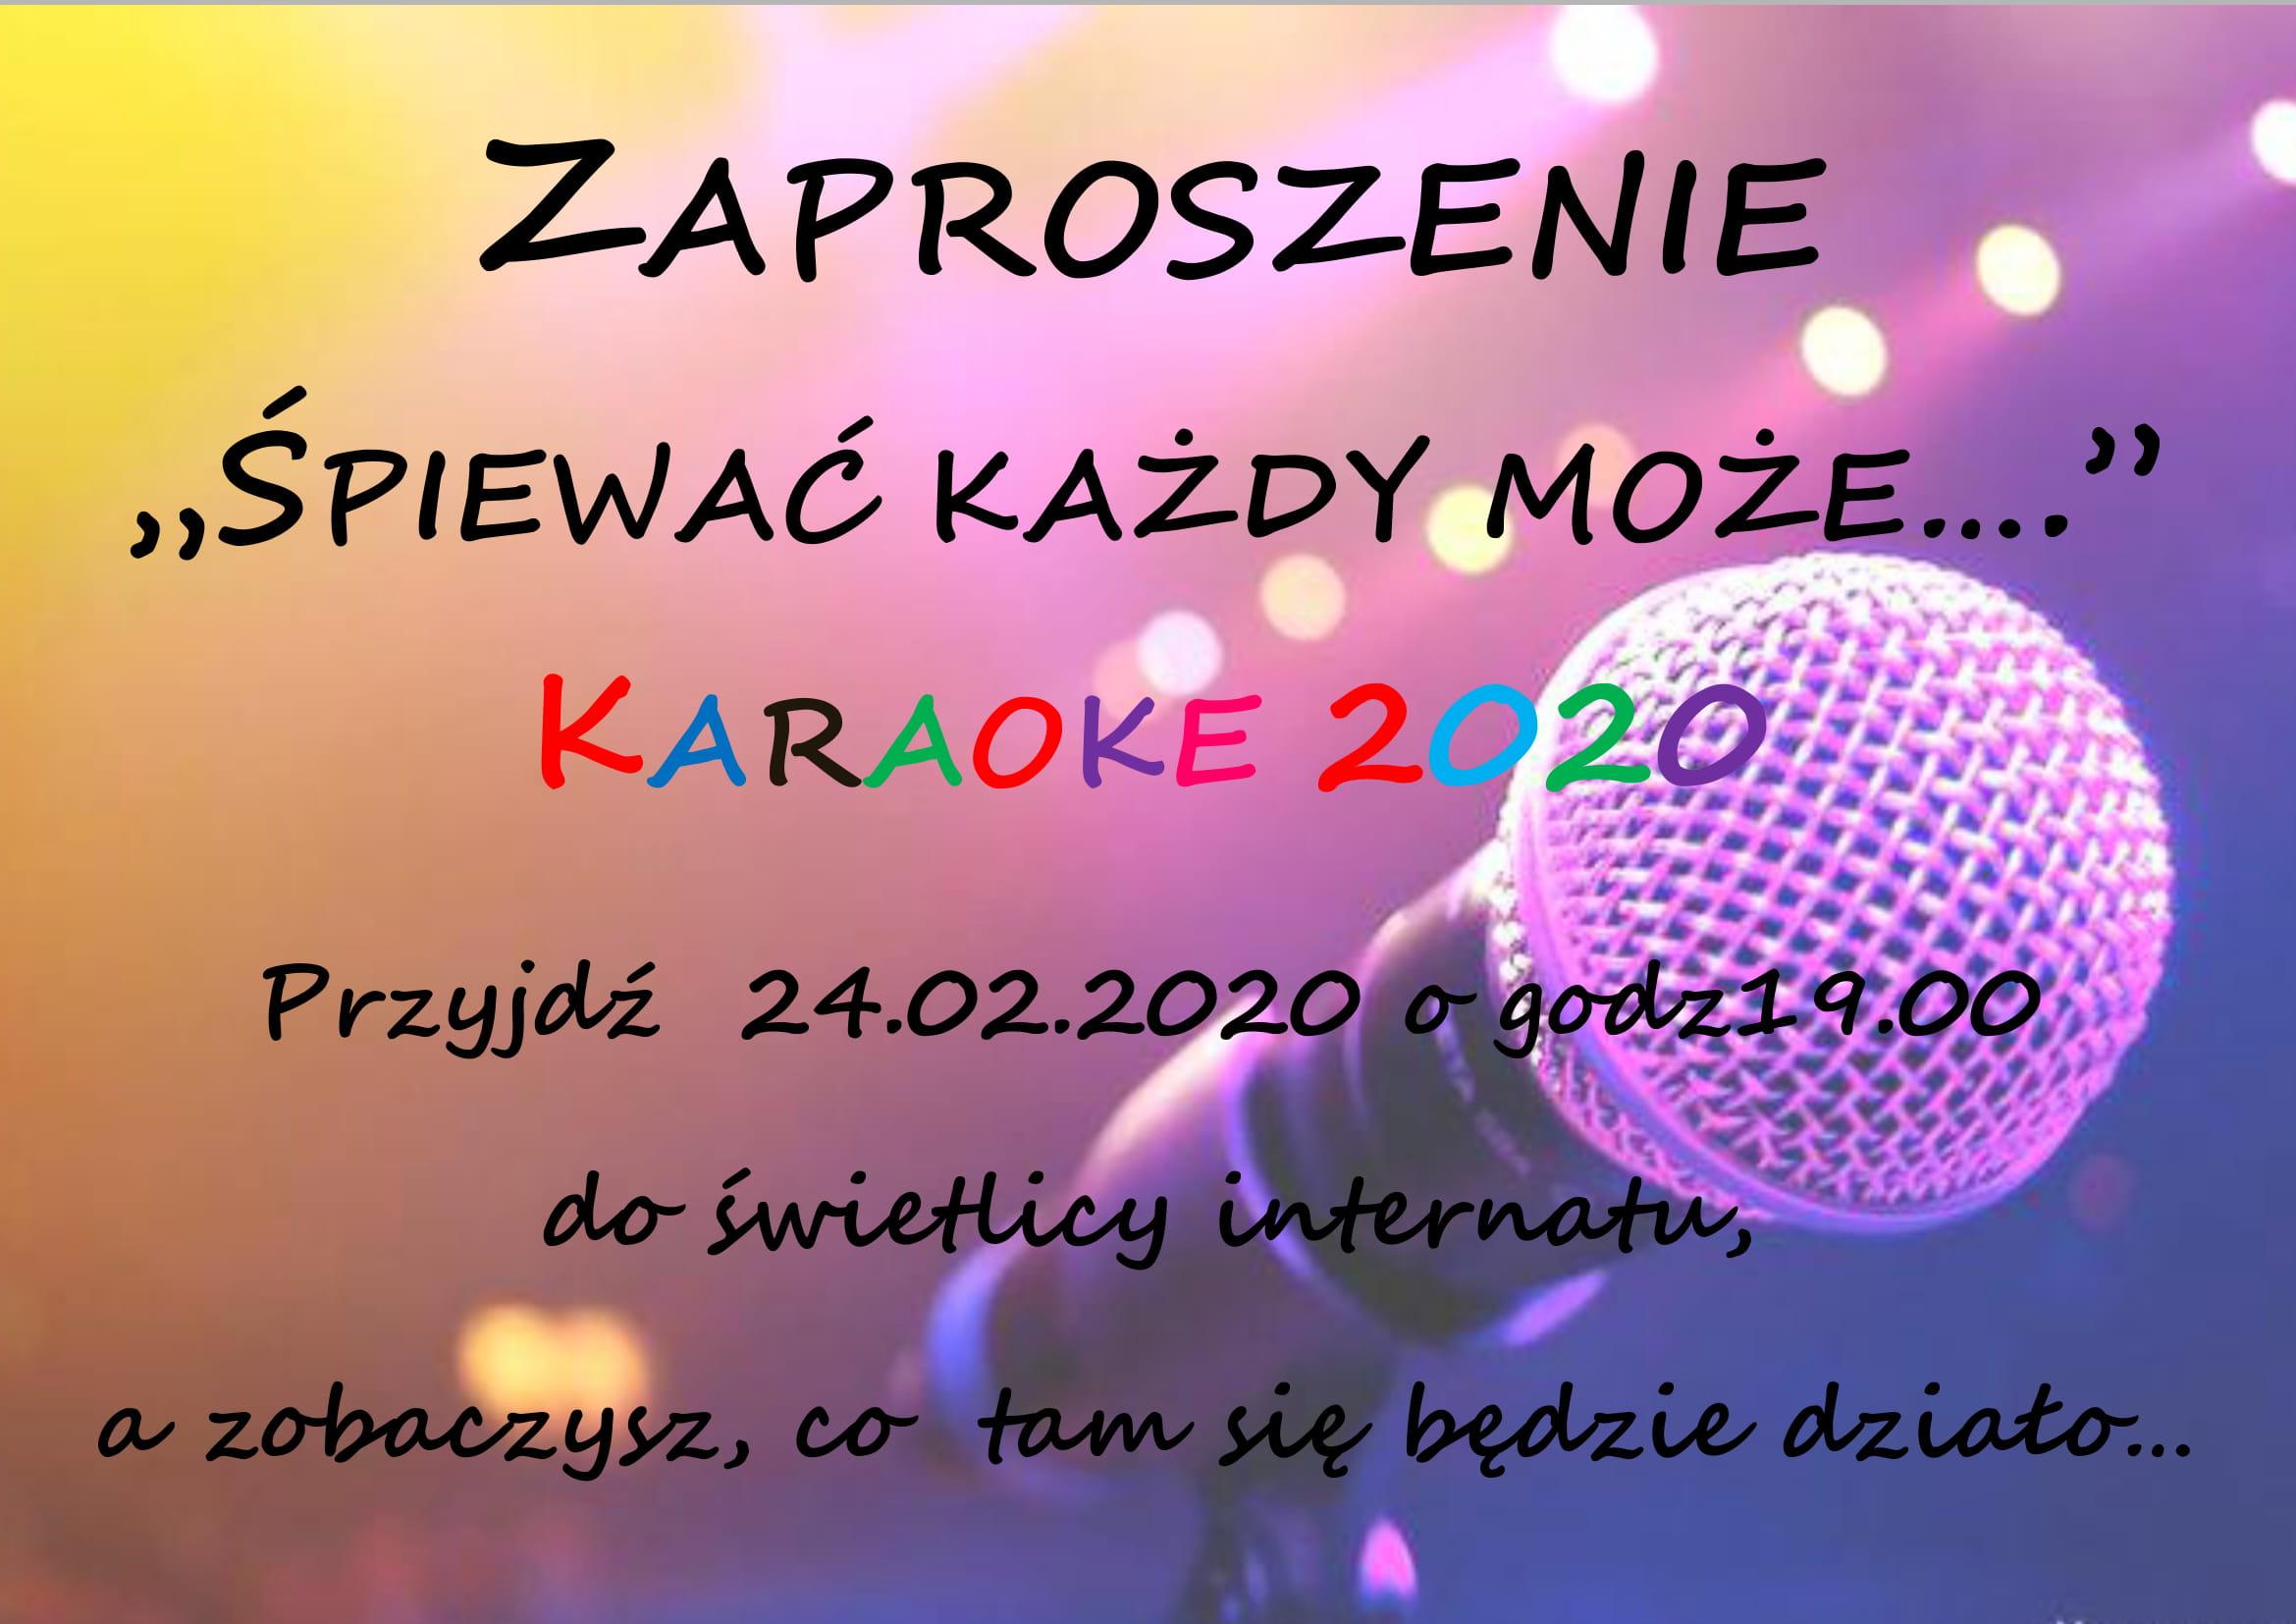 zaproszenie-karaoke-1.jpg